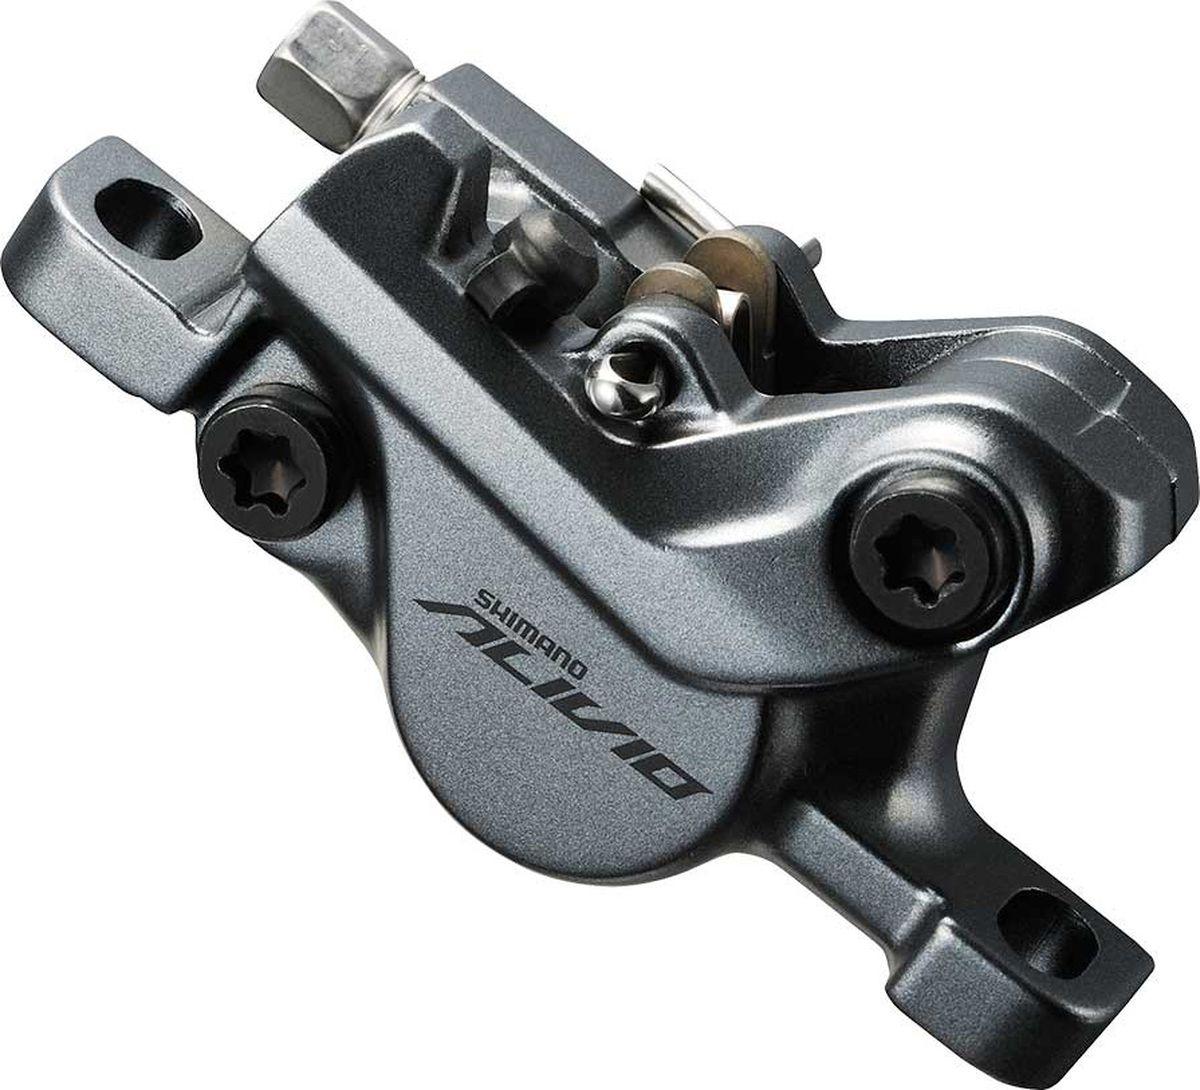 Калипер гидравлических тормозов Shimano M4050 post mount, без адаптера